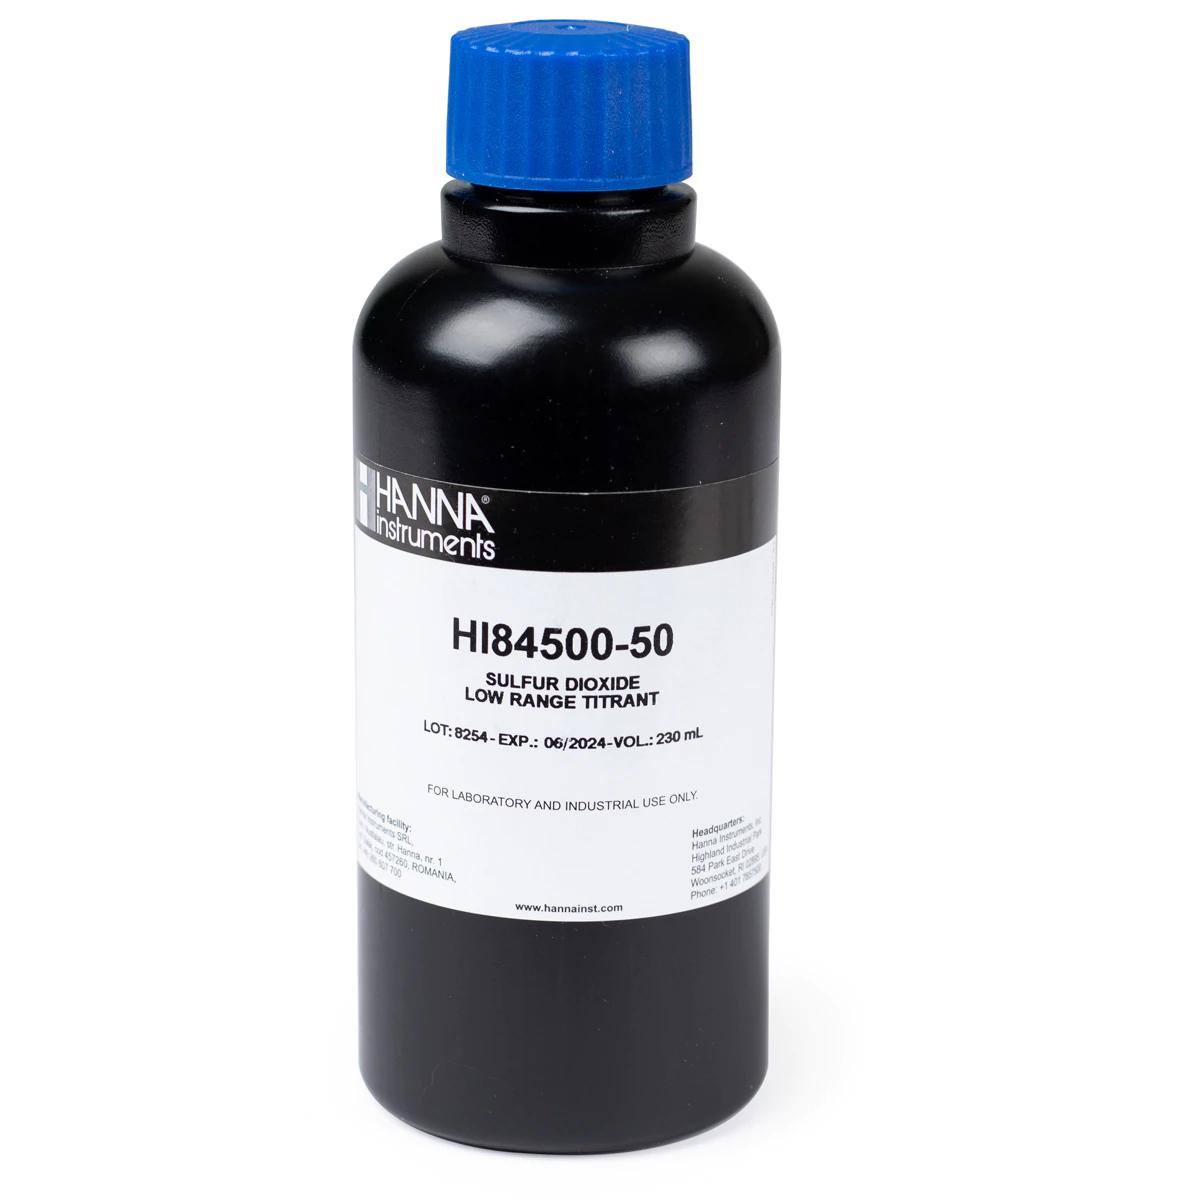 HI84500-50 Sulfur Dioxide in Wine Low Range Titrant (230 mL)